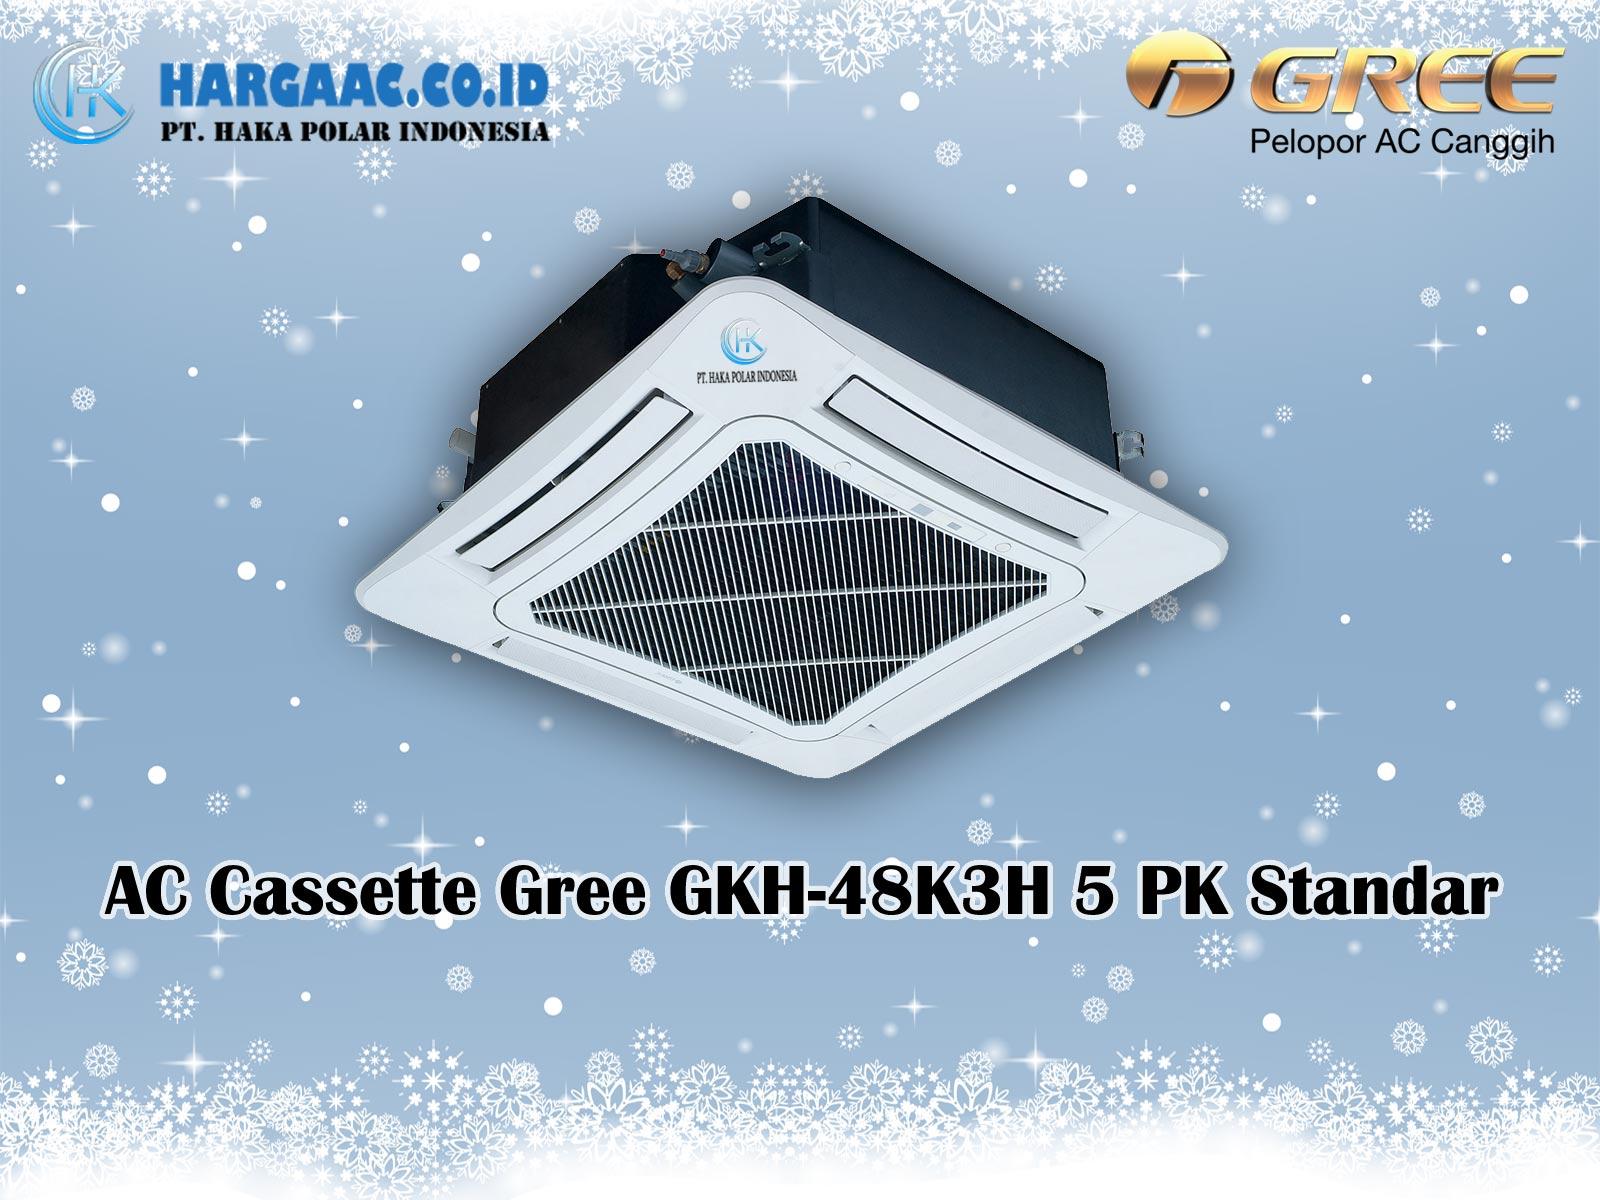 Harga Jual AC Cassette Gree GKH-48K3H 5 PK Standar